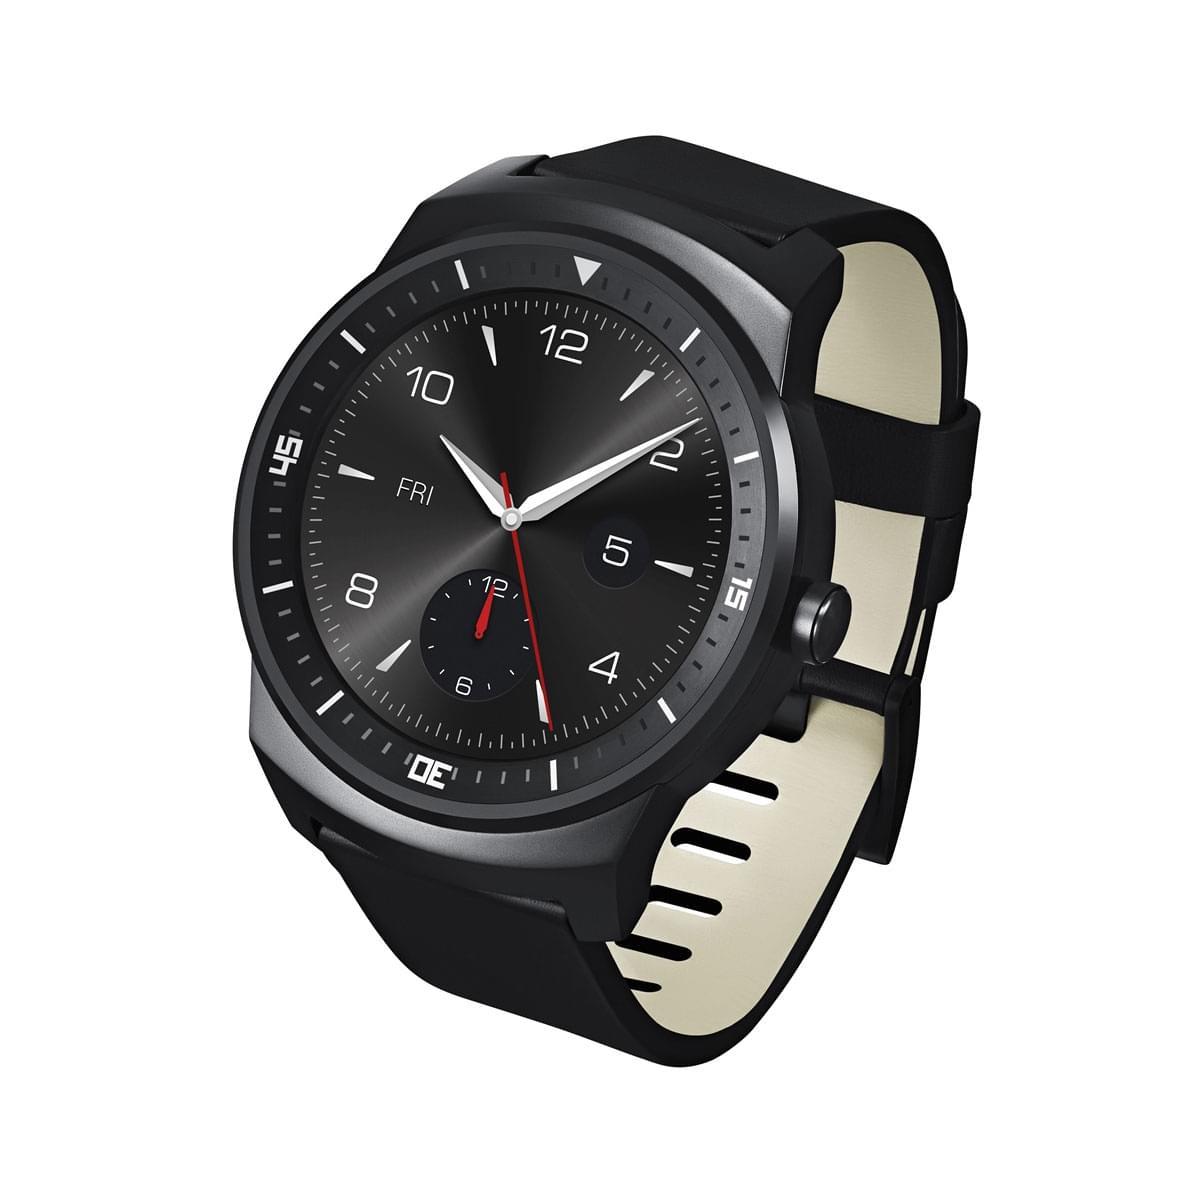 LG G Watch R (Montre connectée) (LGW110.AFRABK) - Achat / Vente Objets Connectés sur Cybertek.fr - 0